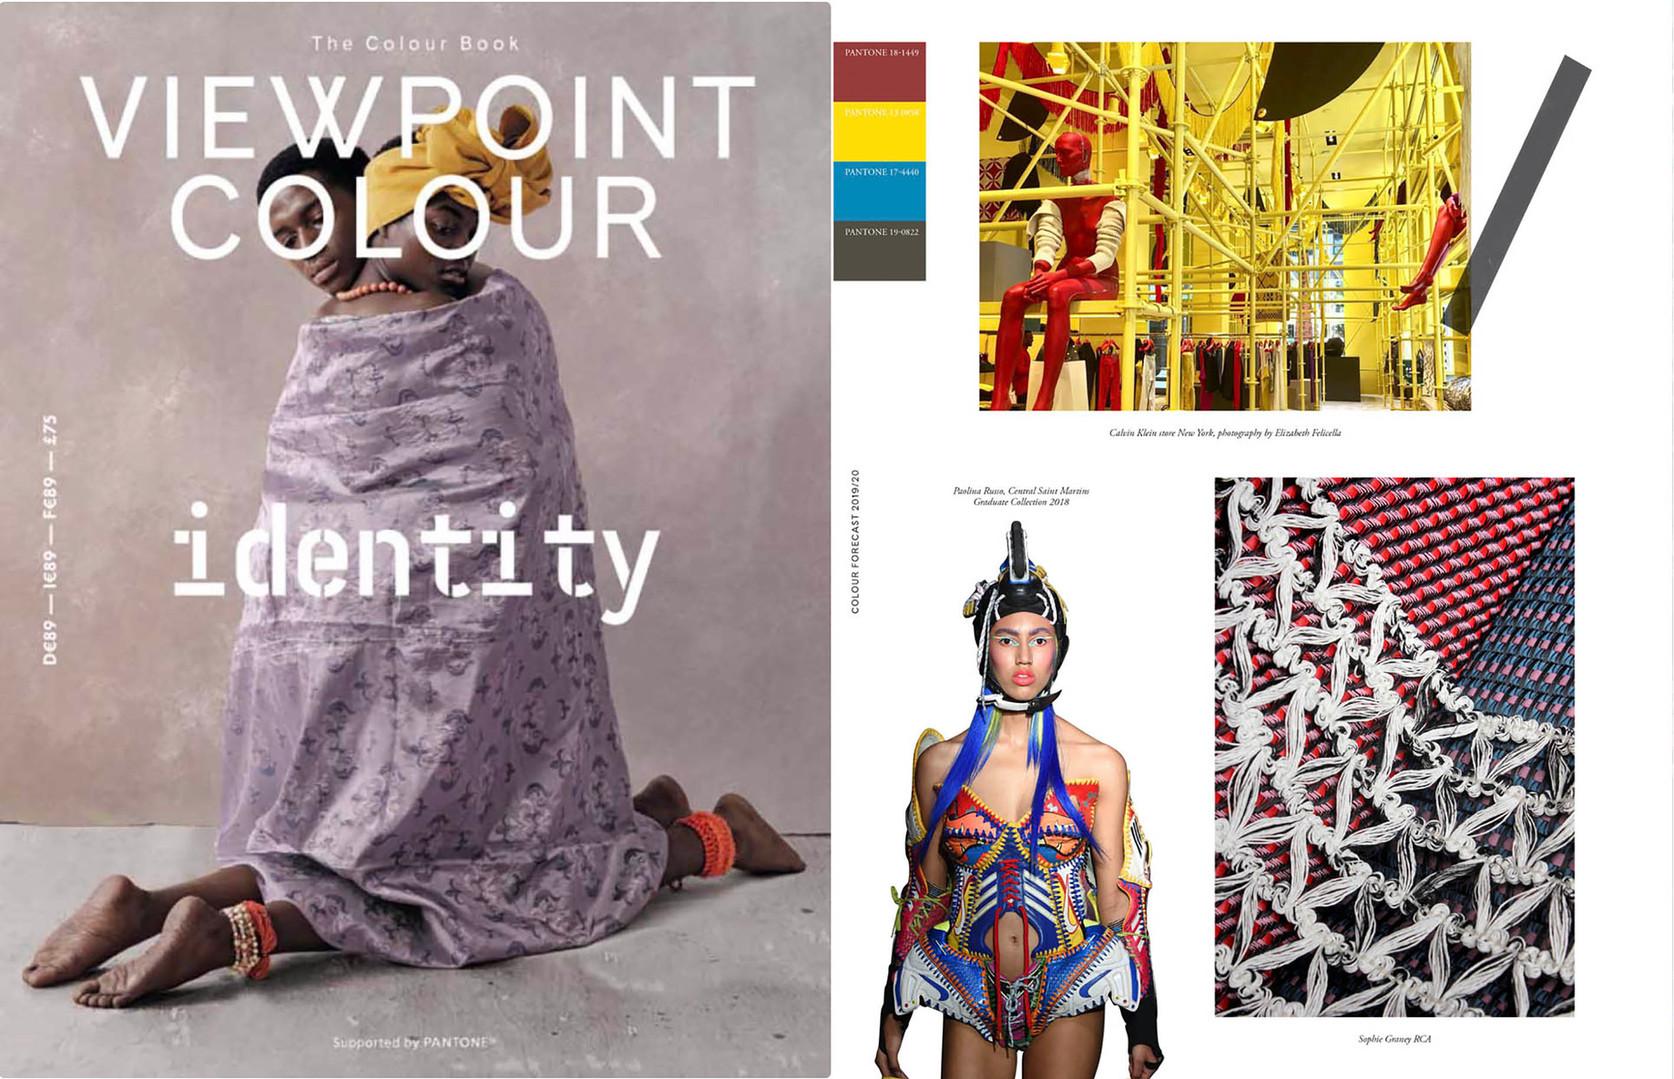 viewpoint colour.jpg